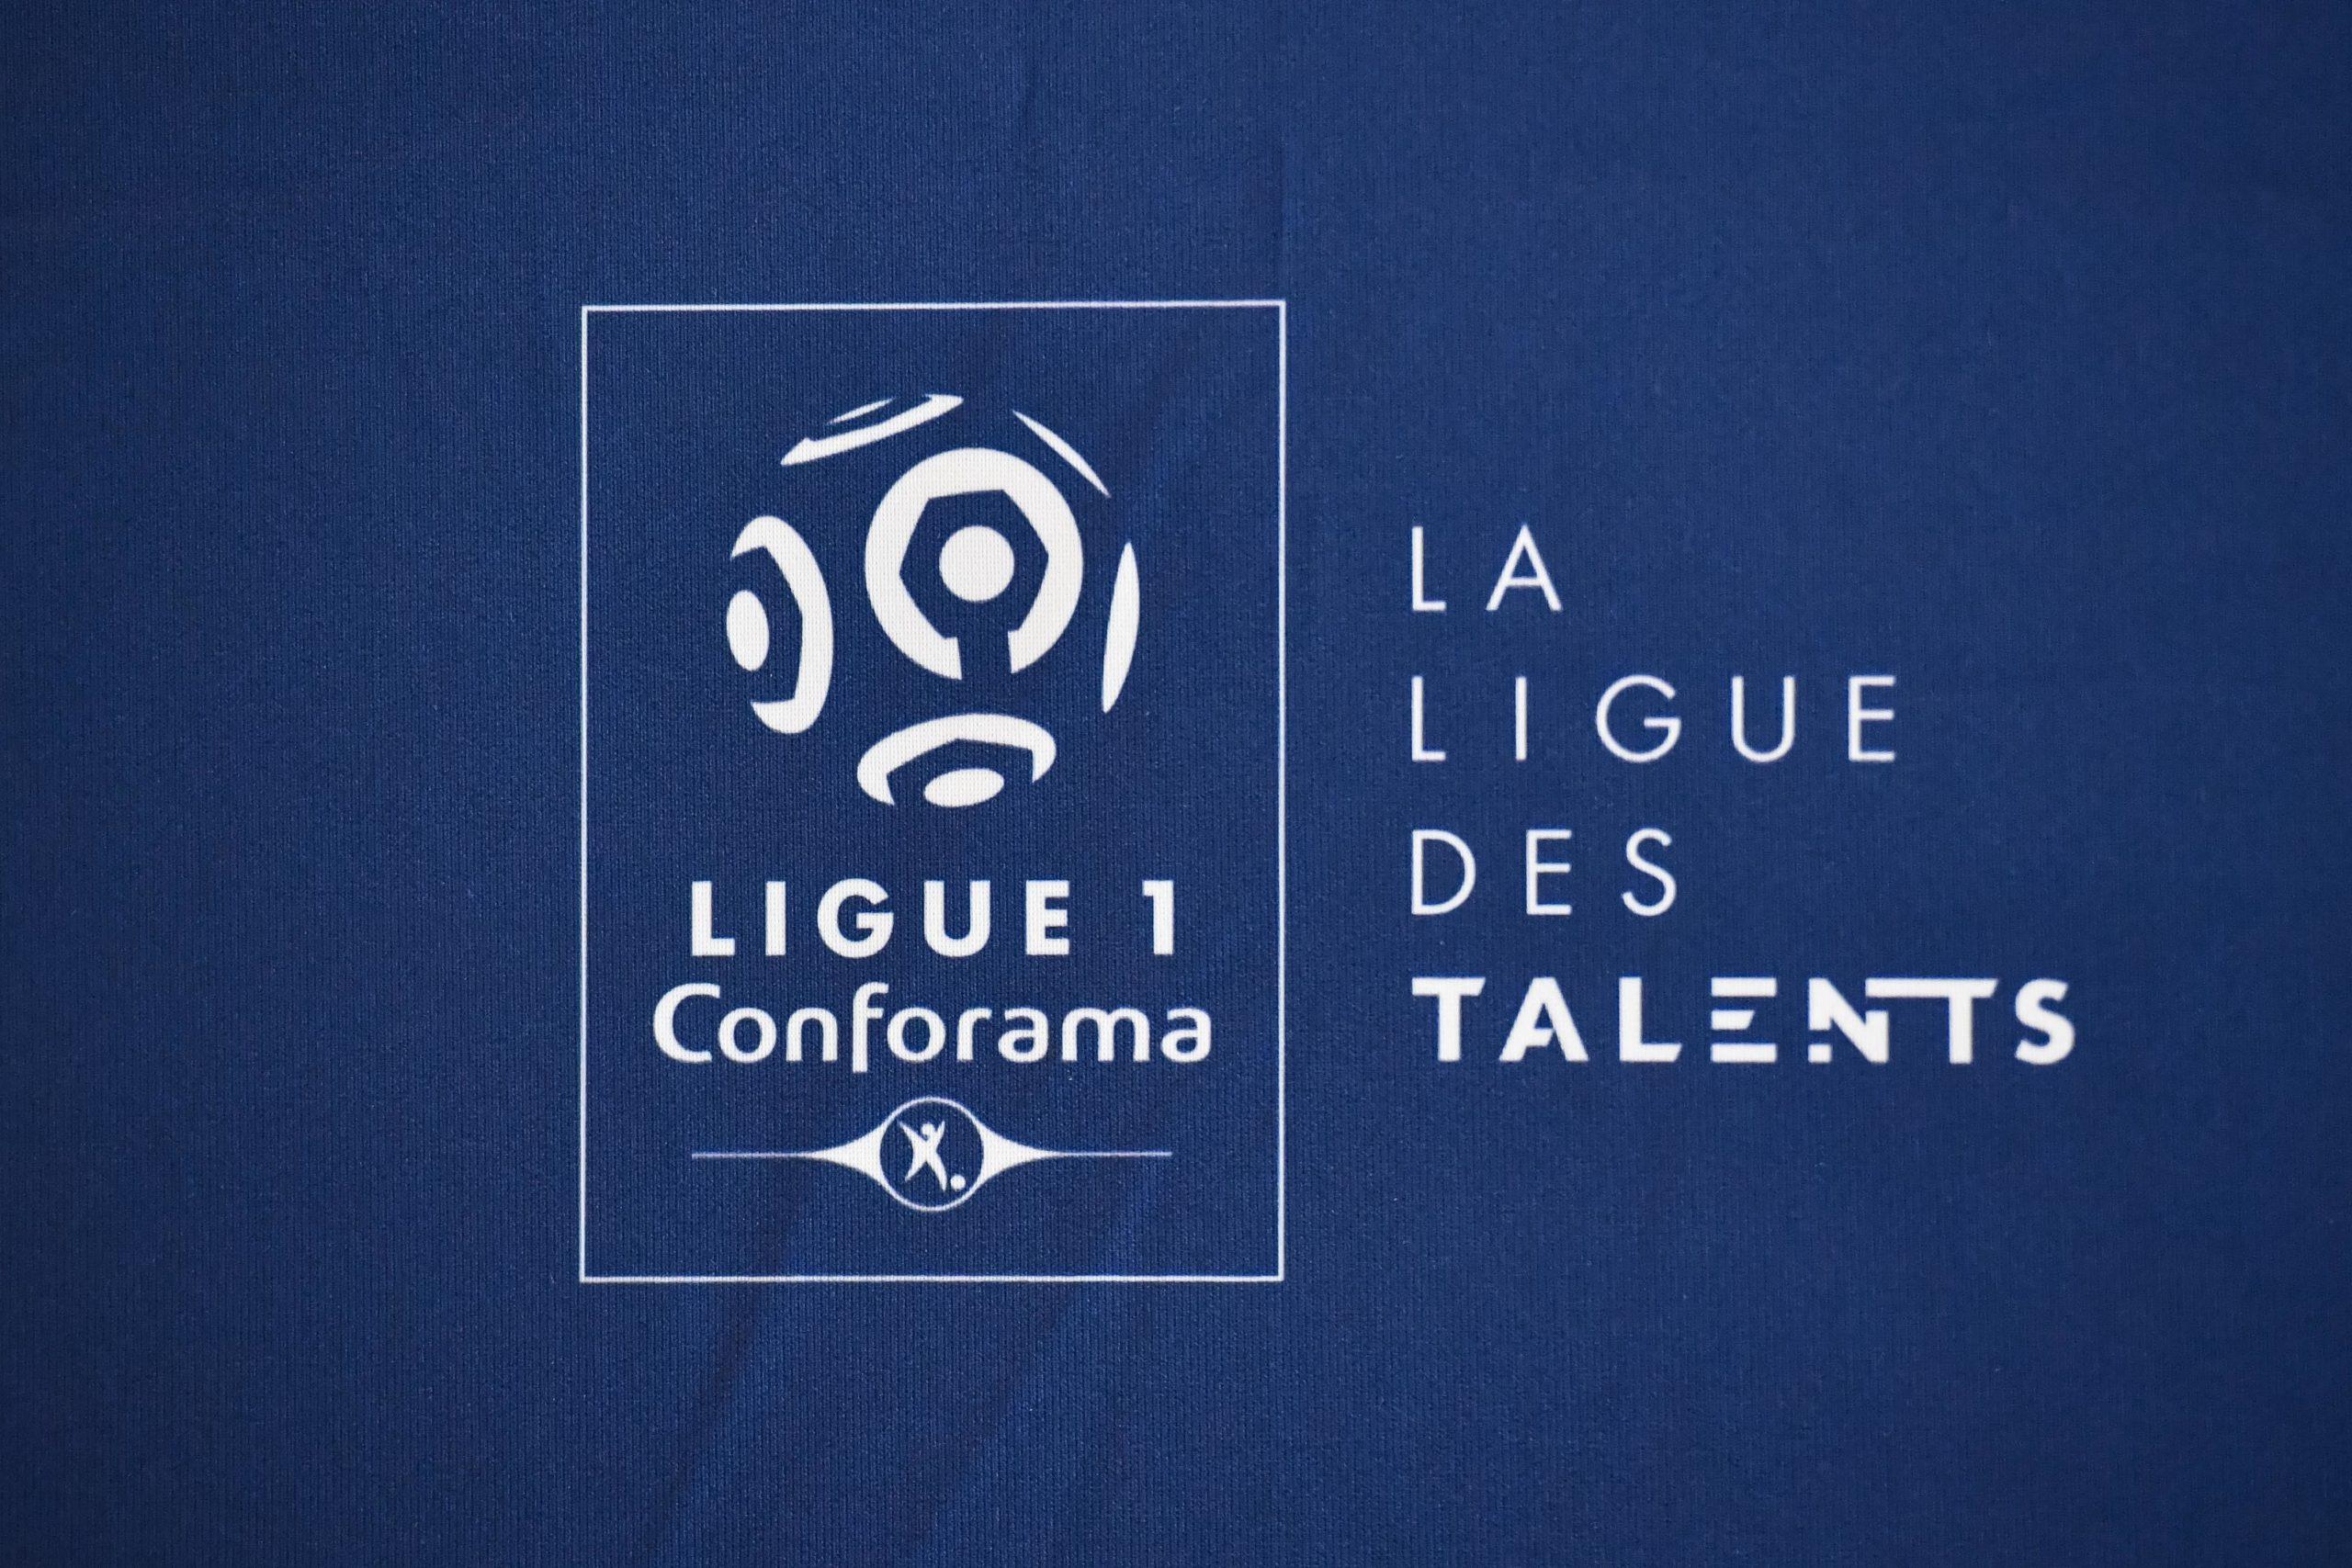 Ligue 1 - Le Parisien dévoile les dates des plus grandes affiches de la saison 2020-2021